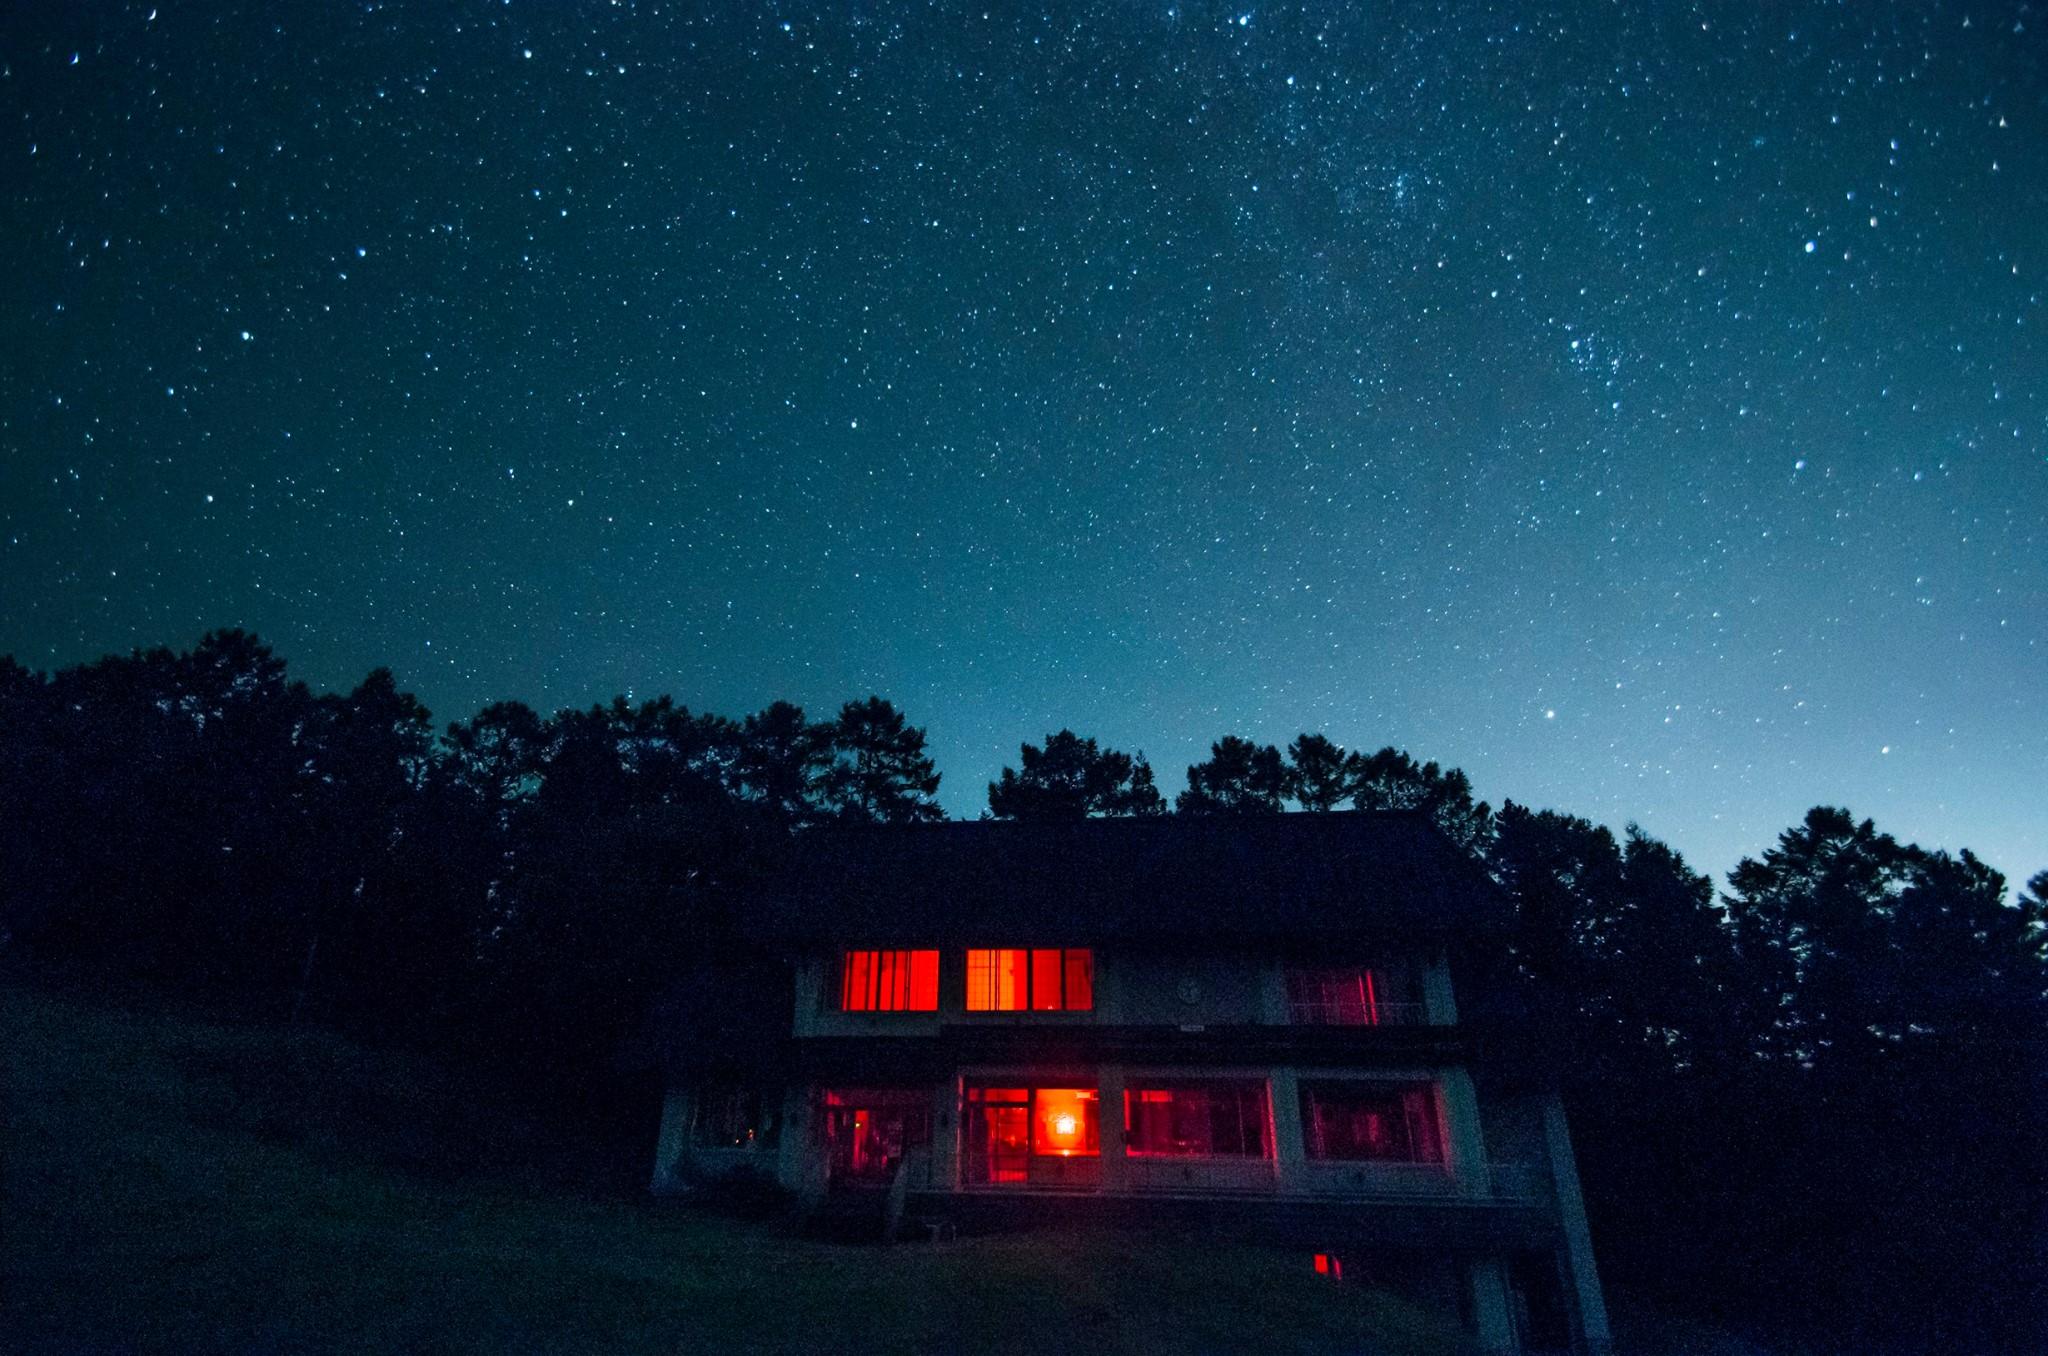 八森山の冬の晴れた夜